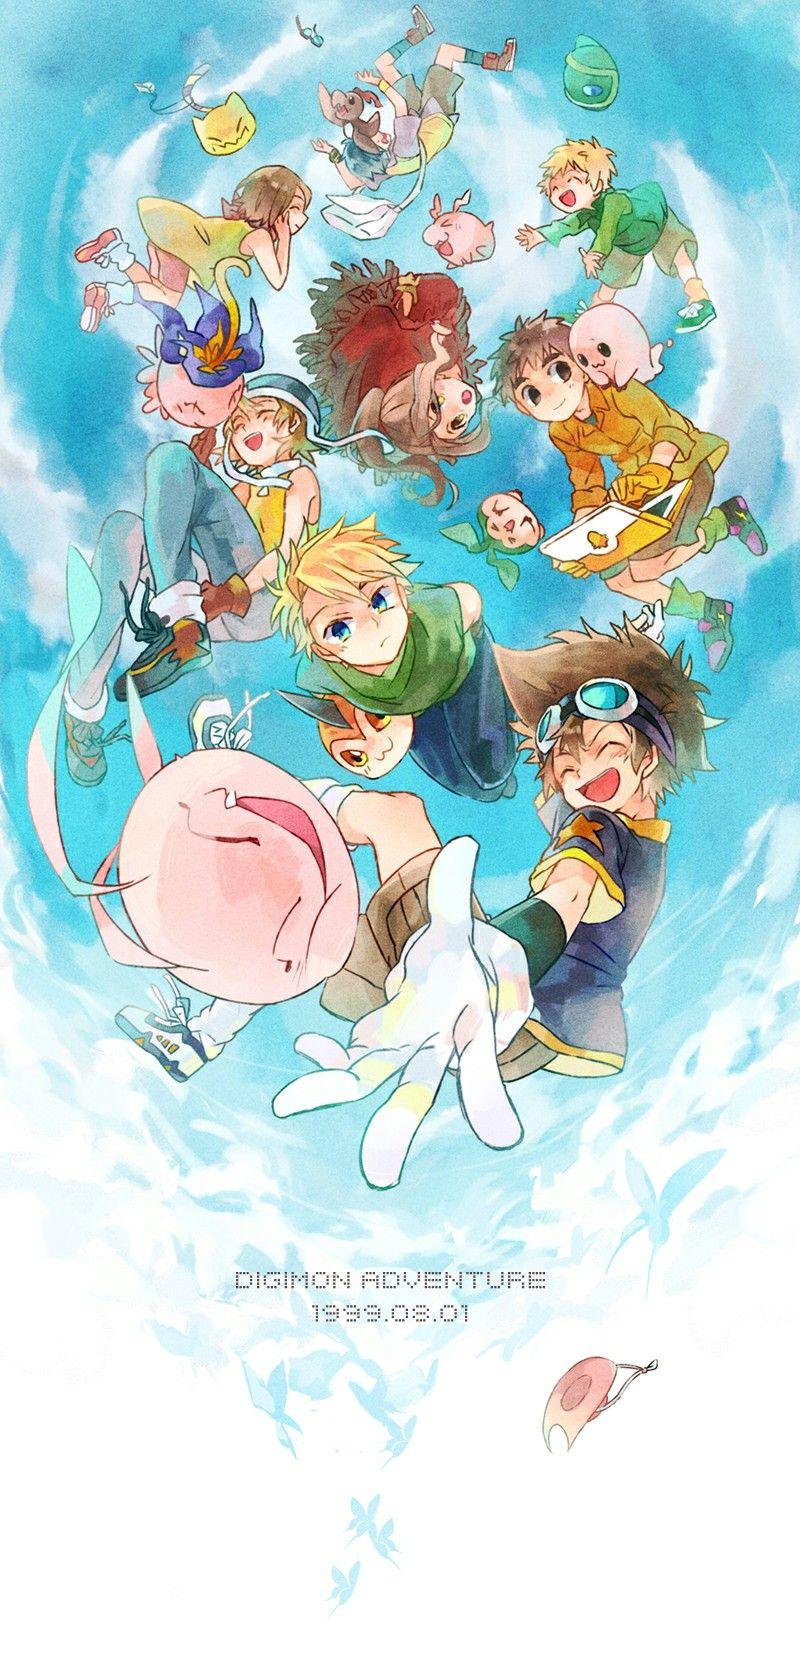 Anime Digimon Digimonfanart Digimonart Digimonanime 数码宝贝 デジモン イラスト デジモンアドベンチャーtri